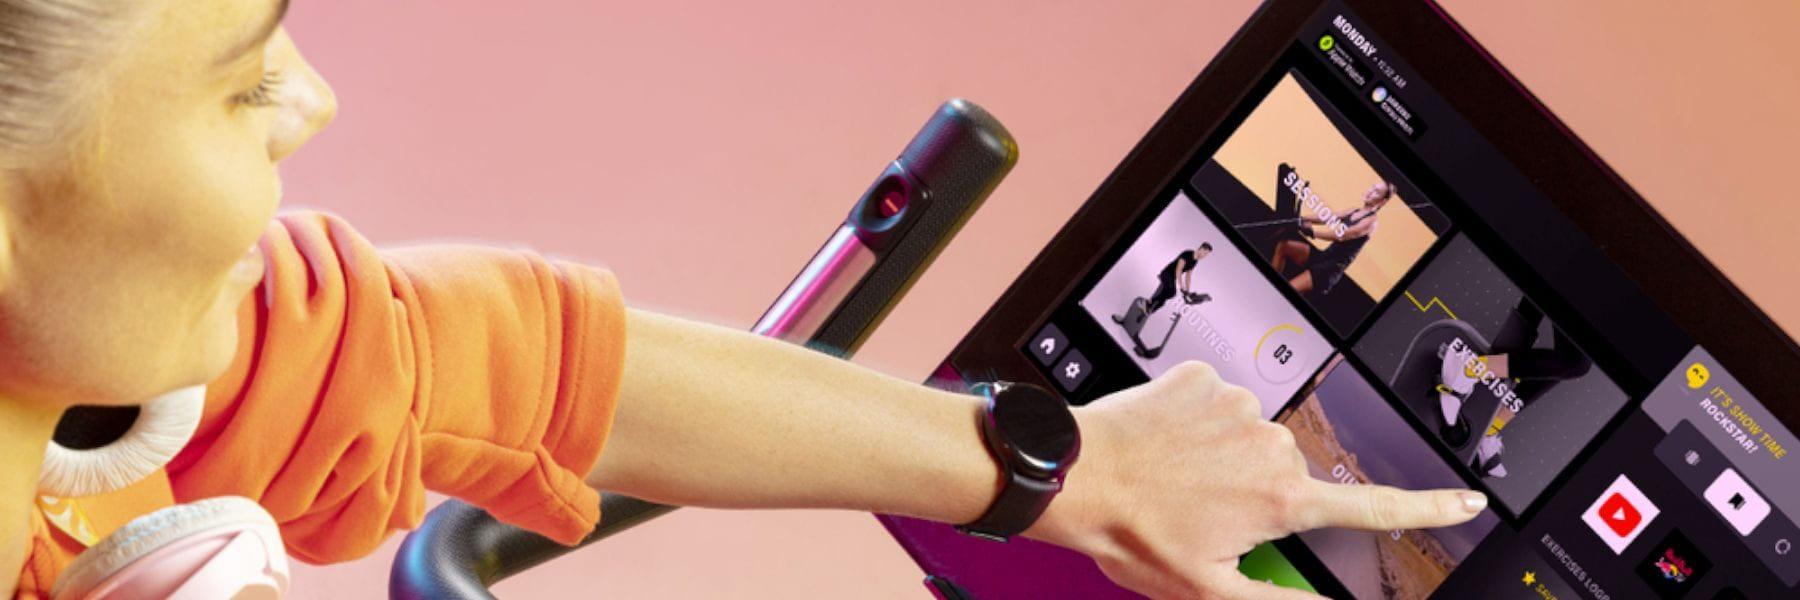 Technogym leder den digitale treningsrevolusjonen